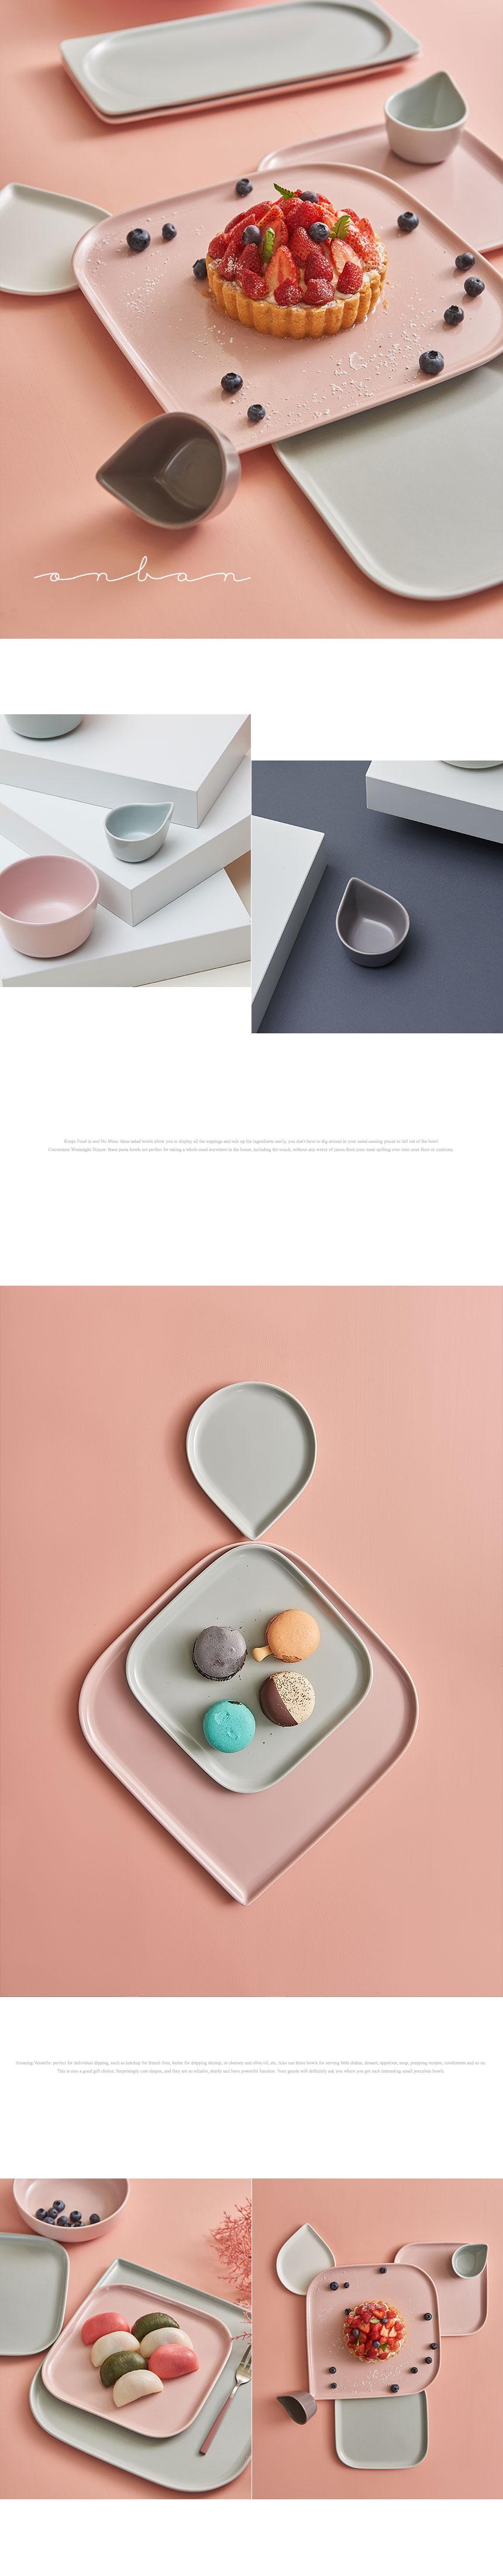 온반 4인 홈세트 21p 복숭아빛, 하늘빛, 우윳빛, 잿빛 - 라씨에뜨, 195,000원, 식기홈세트, 2인세트